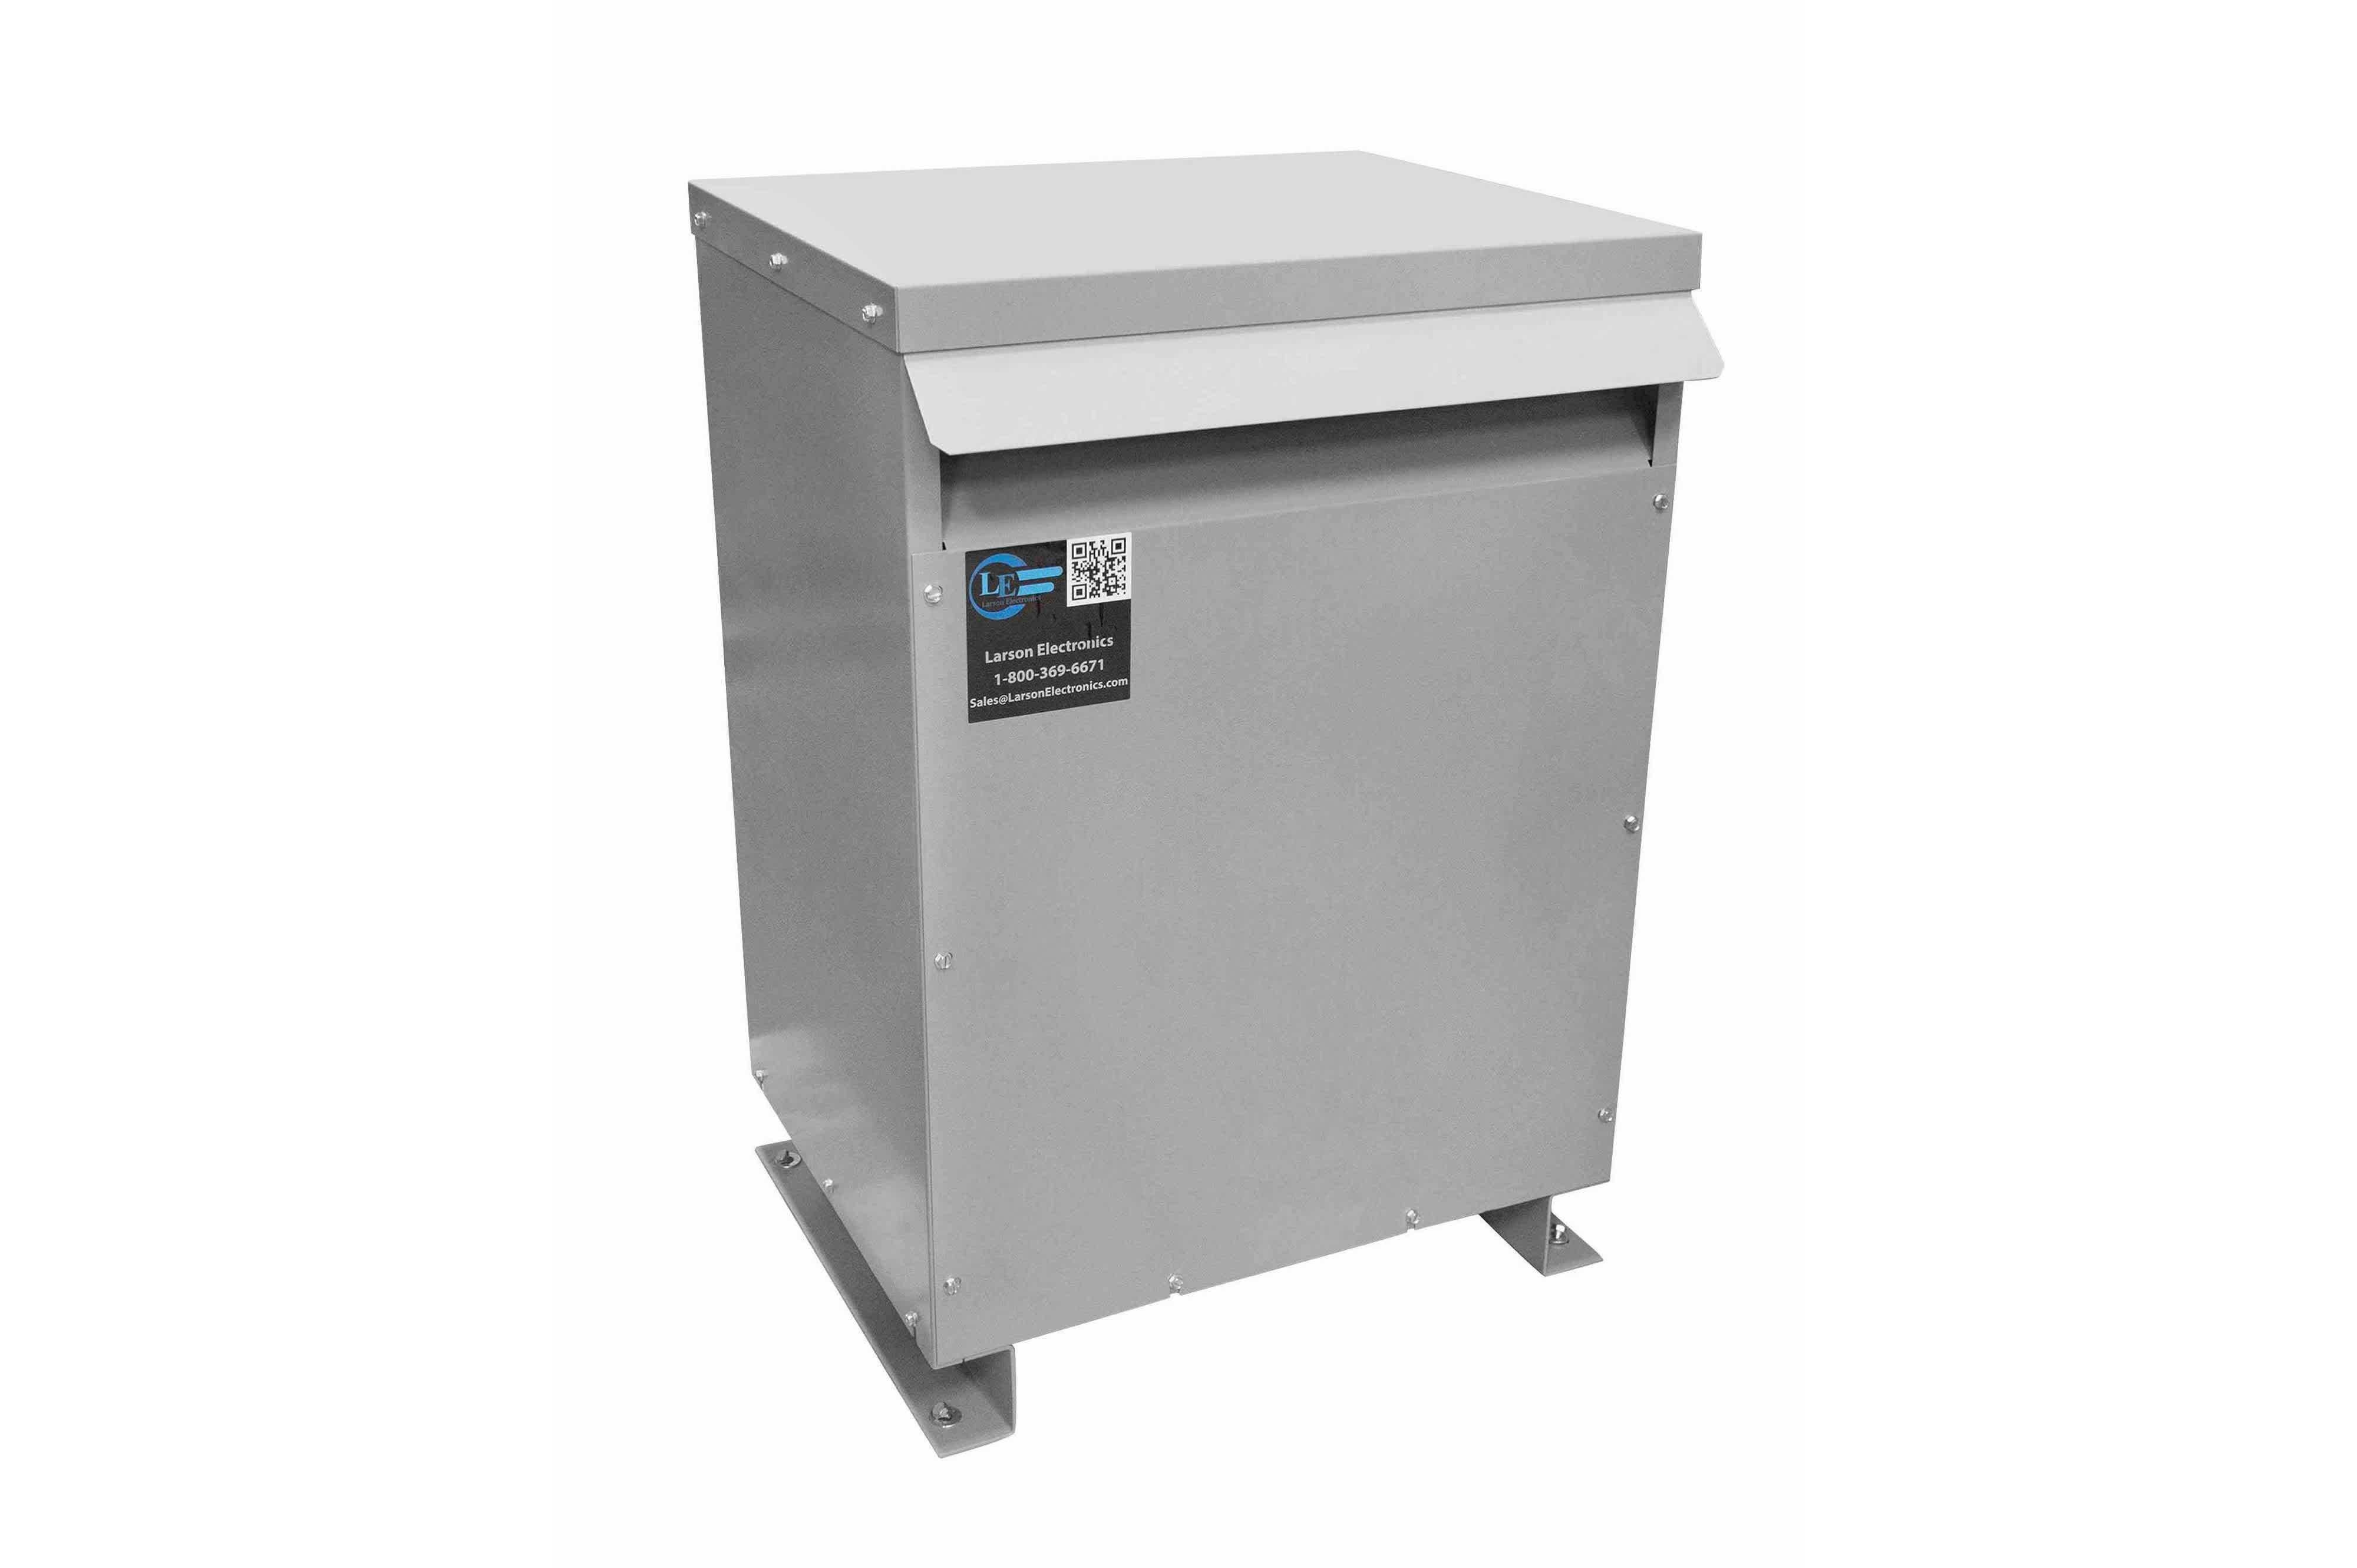 65 kVA 3PH Isolation Transformer, 460V Delta Primary, 415V Delta Secondary, N3R, Ventilated, 60 Hz